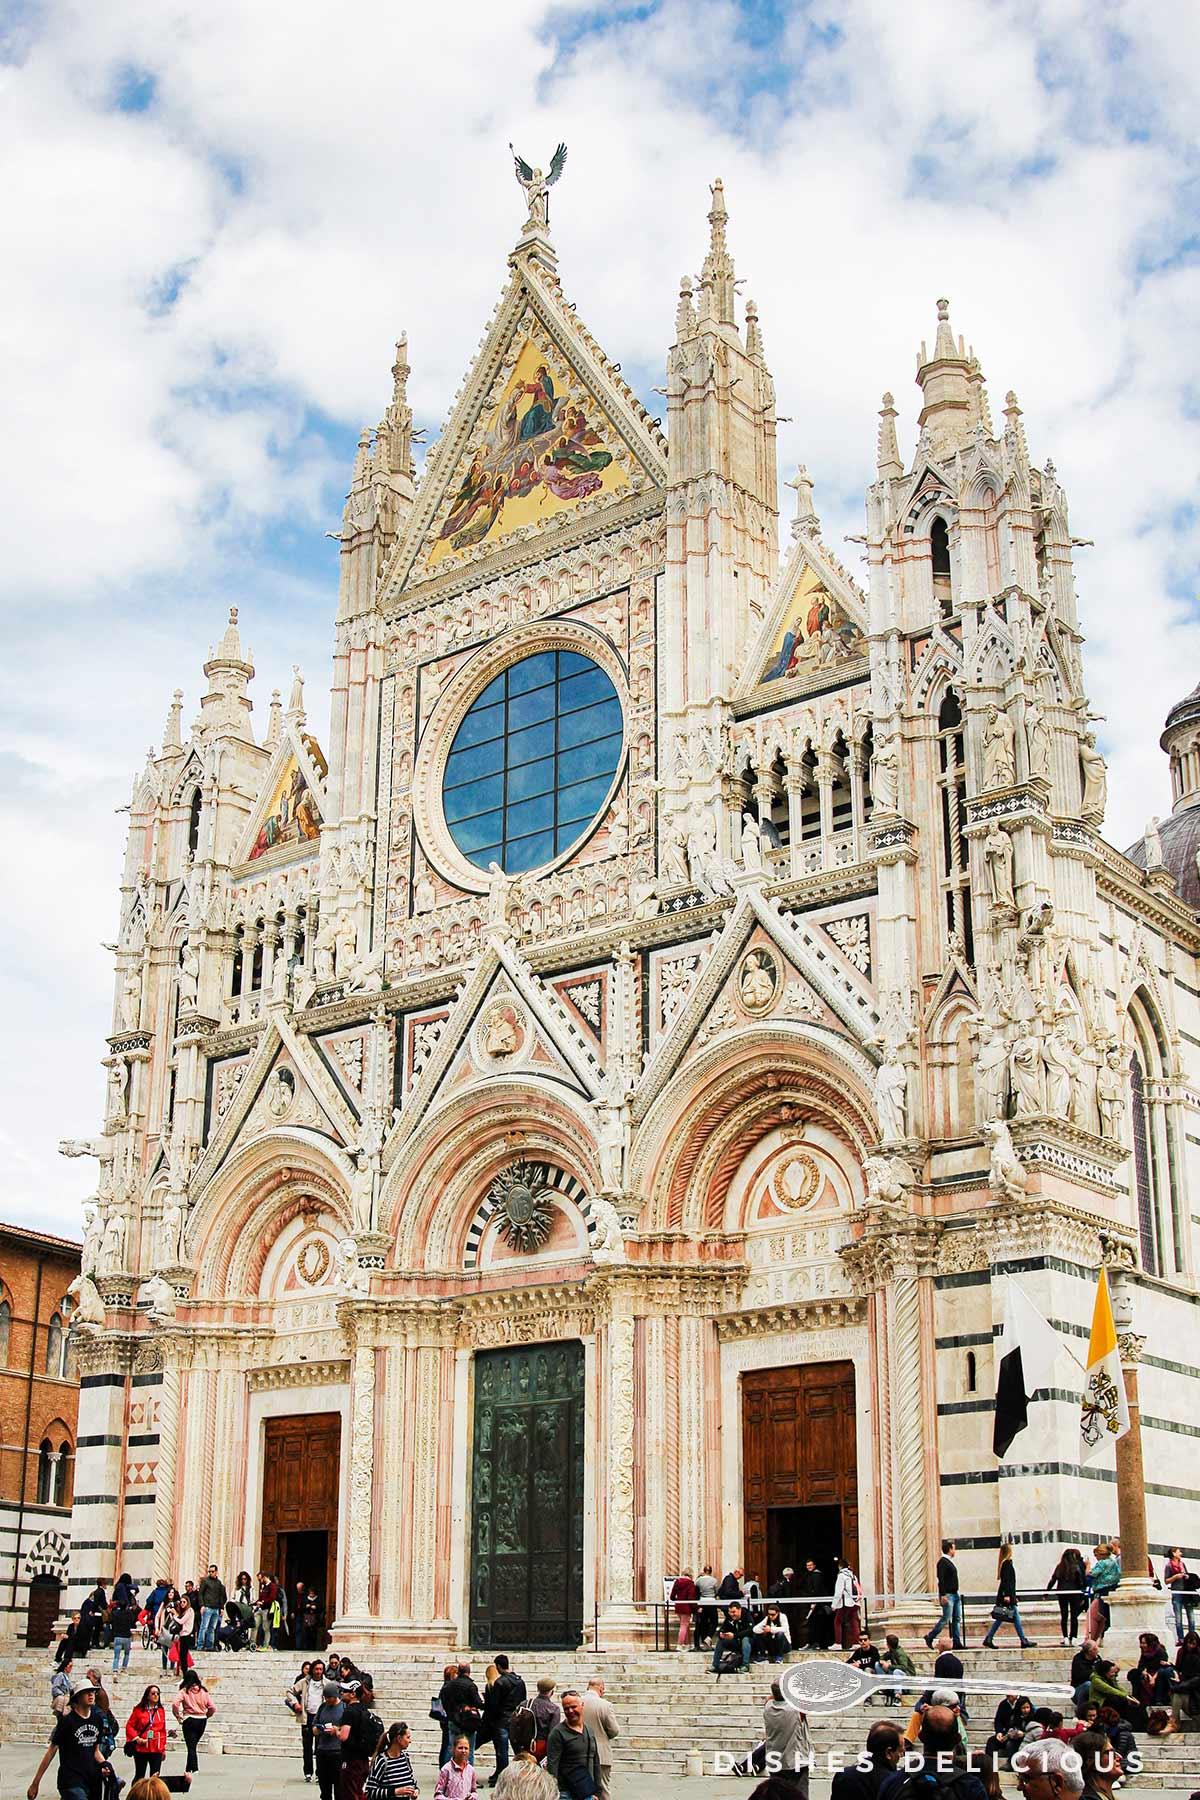 Detailreich verzierte Fassade des Doms von Siena.